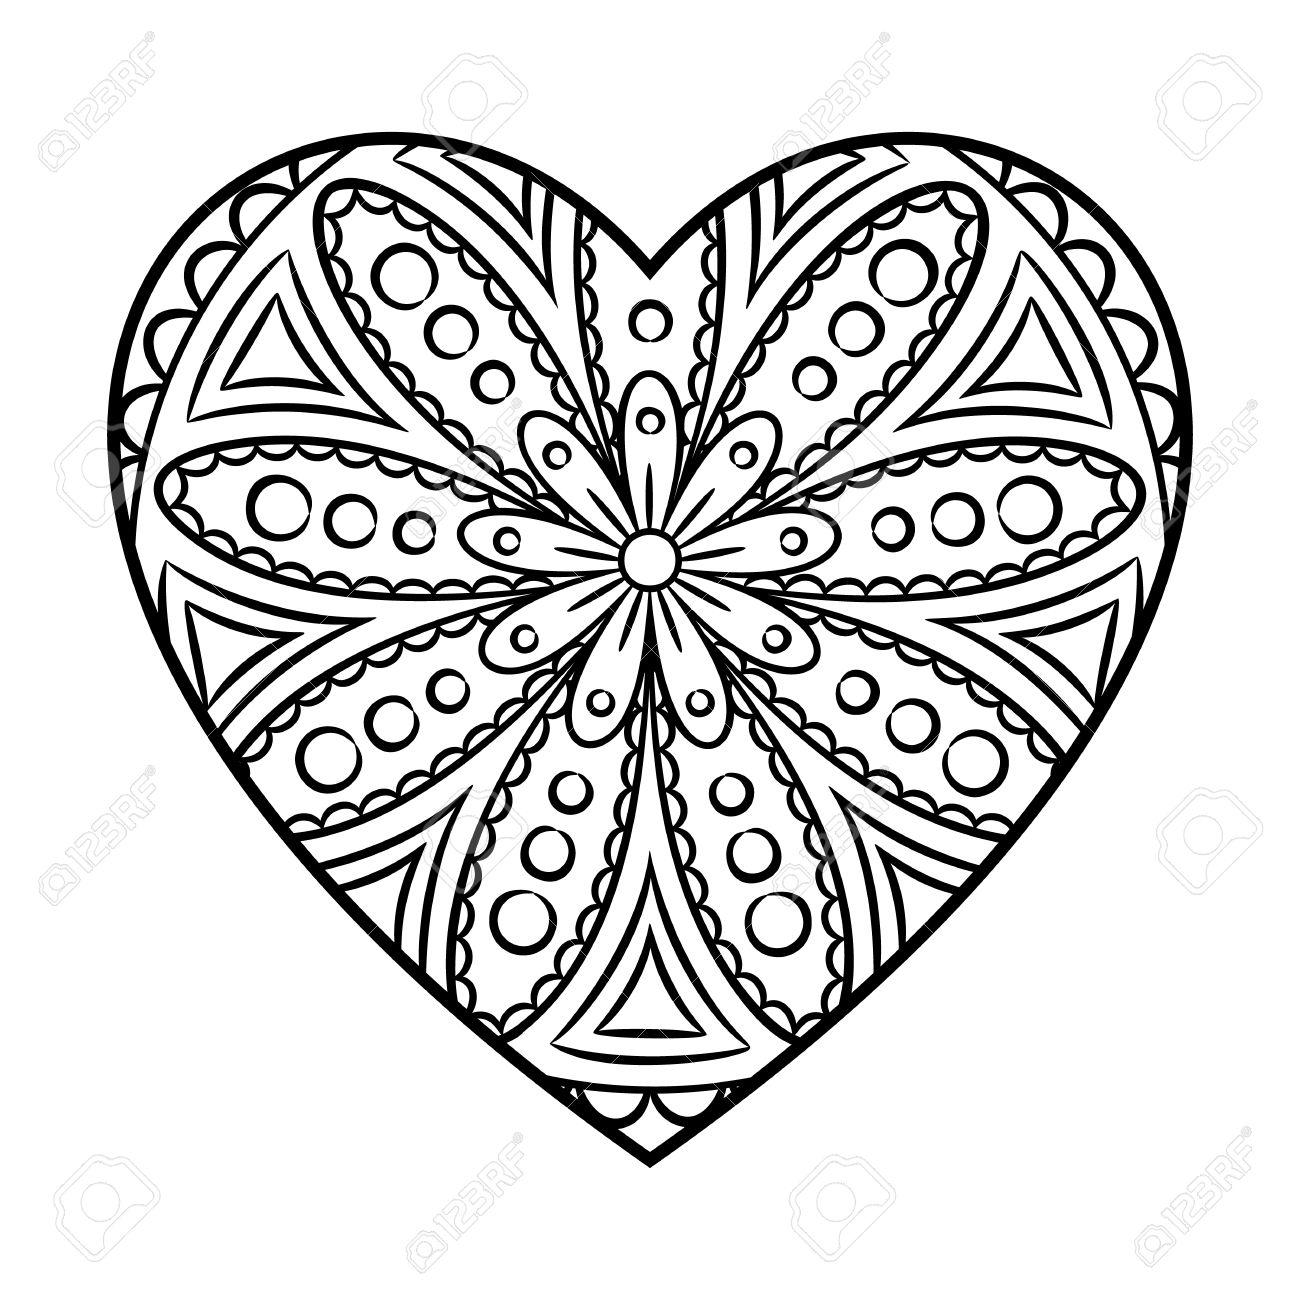 Doodle Coloriage Mandala De Coeur Outline Floral Element De Design